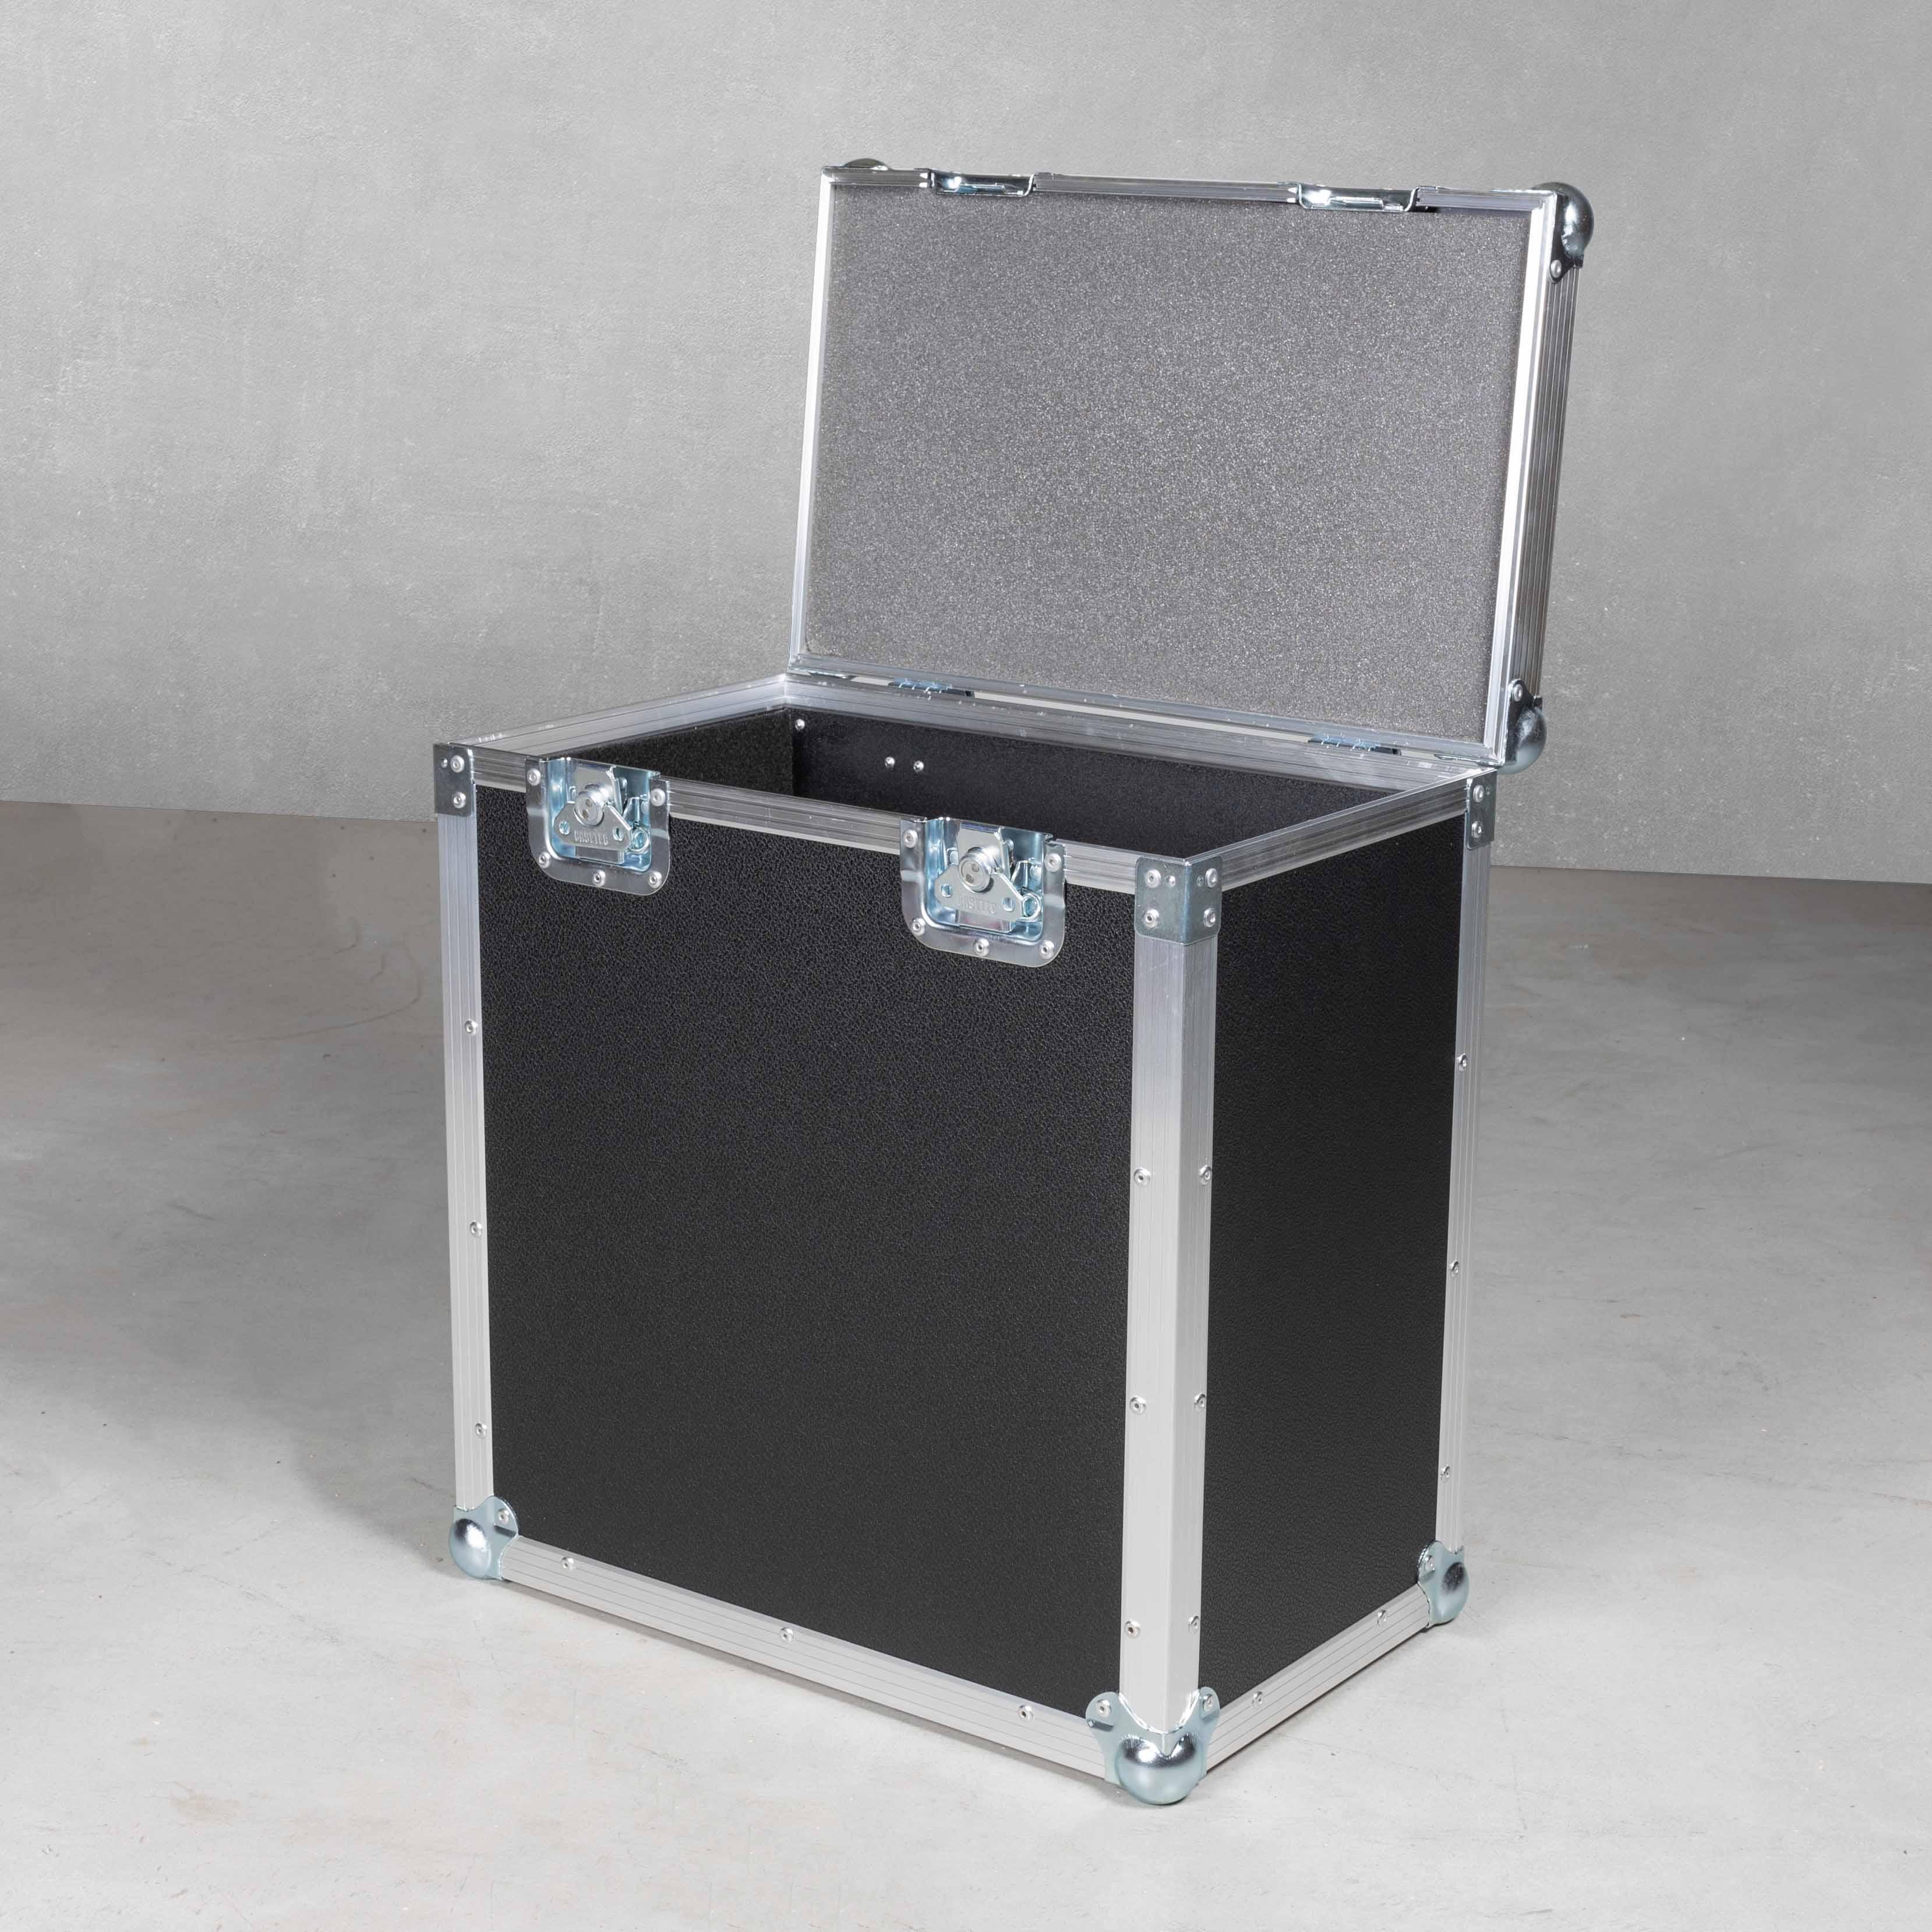 Universalkoffer für LCD - Monitore BIG mit zwei verstellbaren Trennwänden